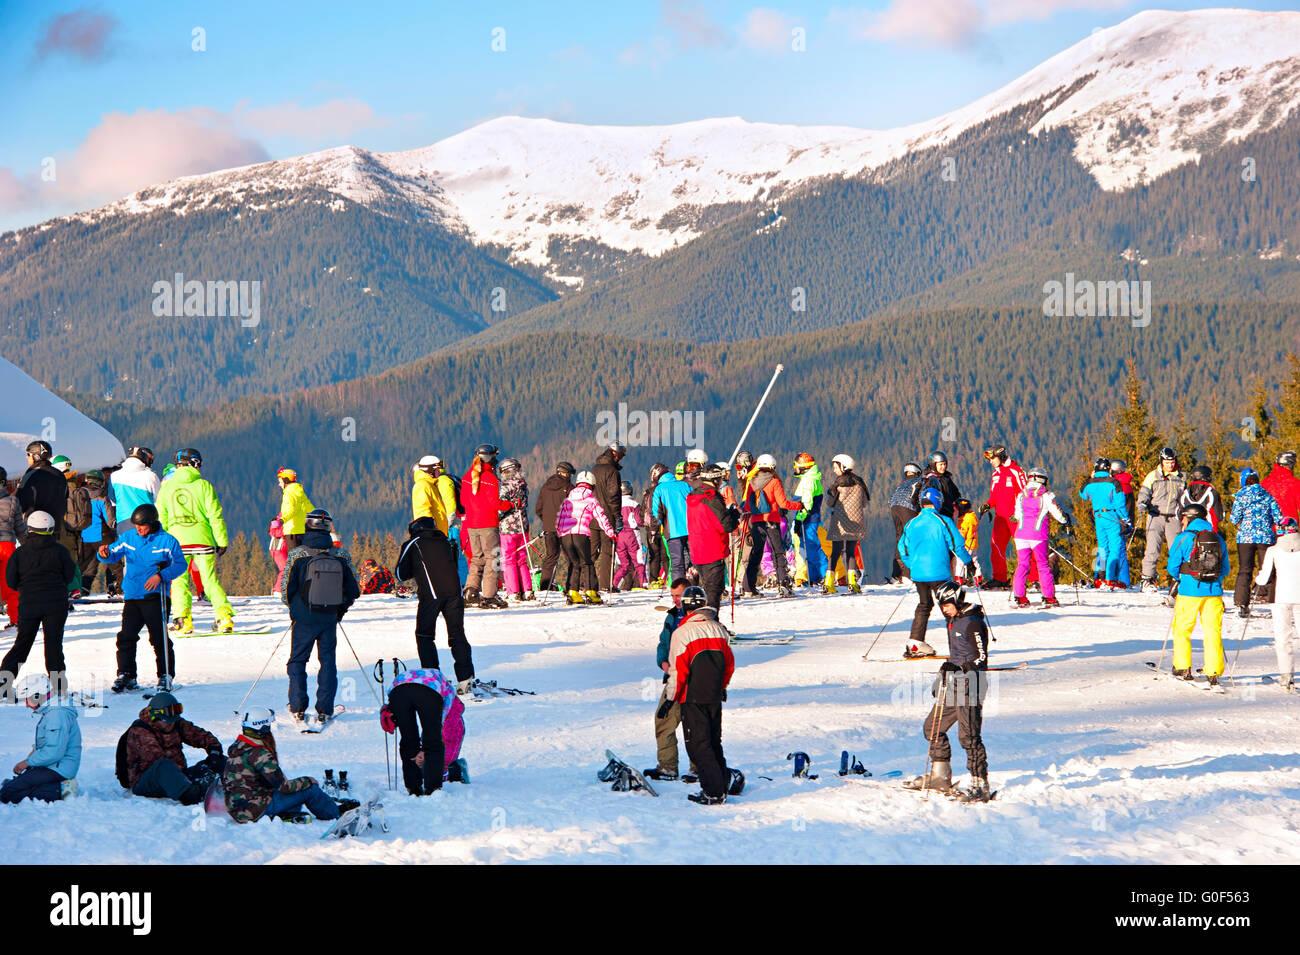 People at ski resort - Stock Image